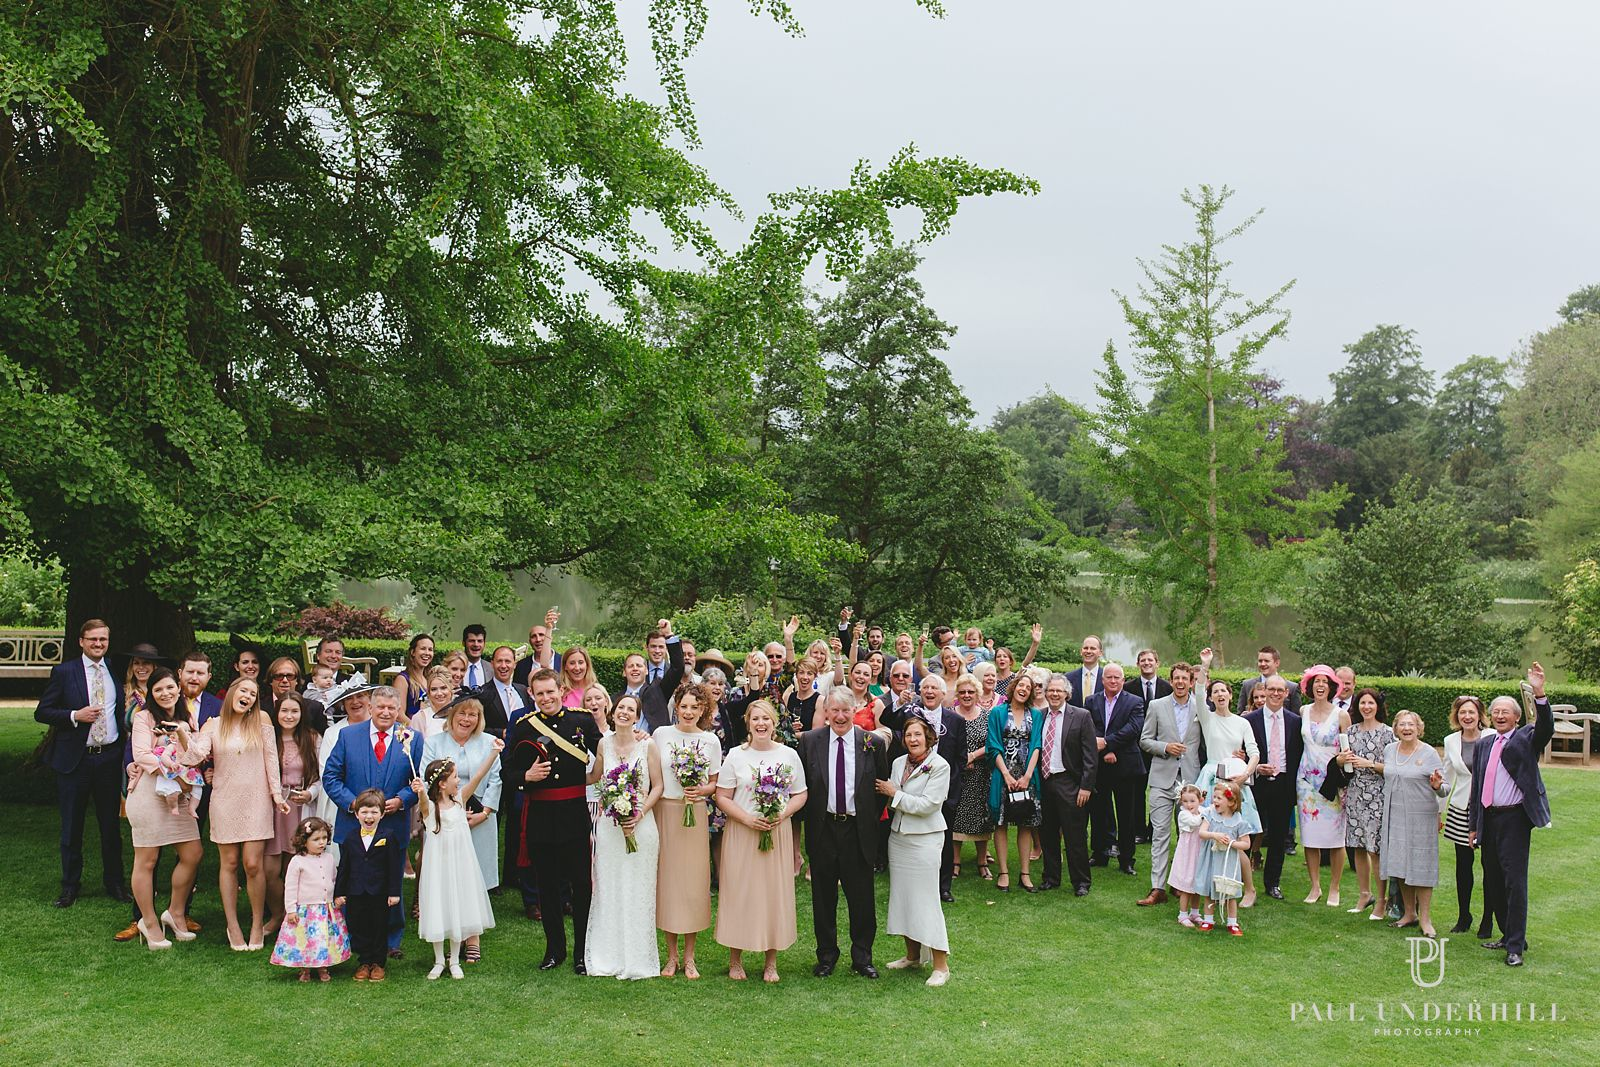 Sherborne castle wedding group photo